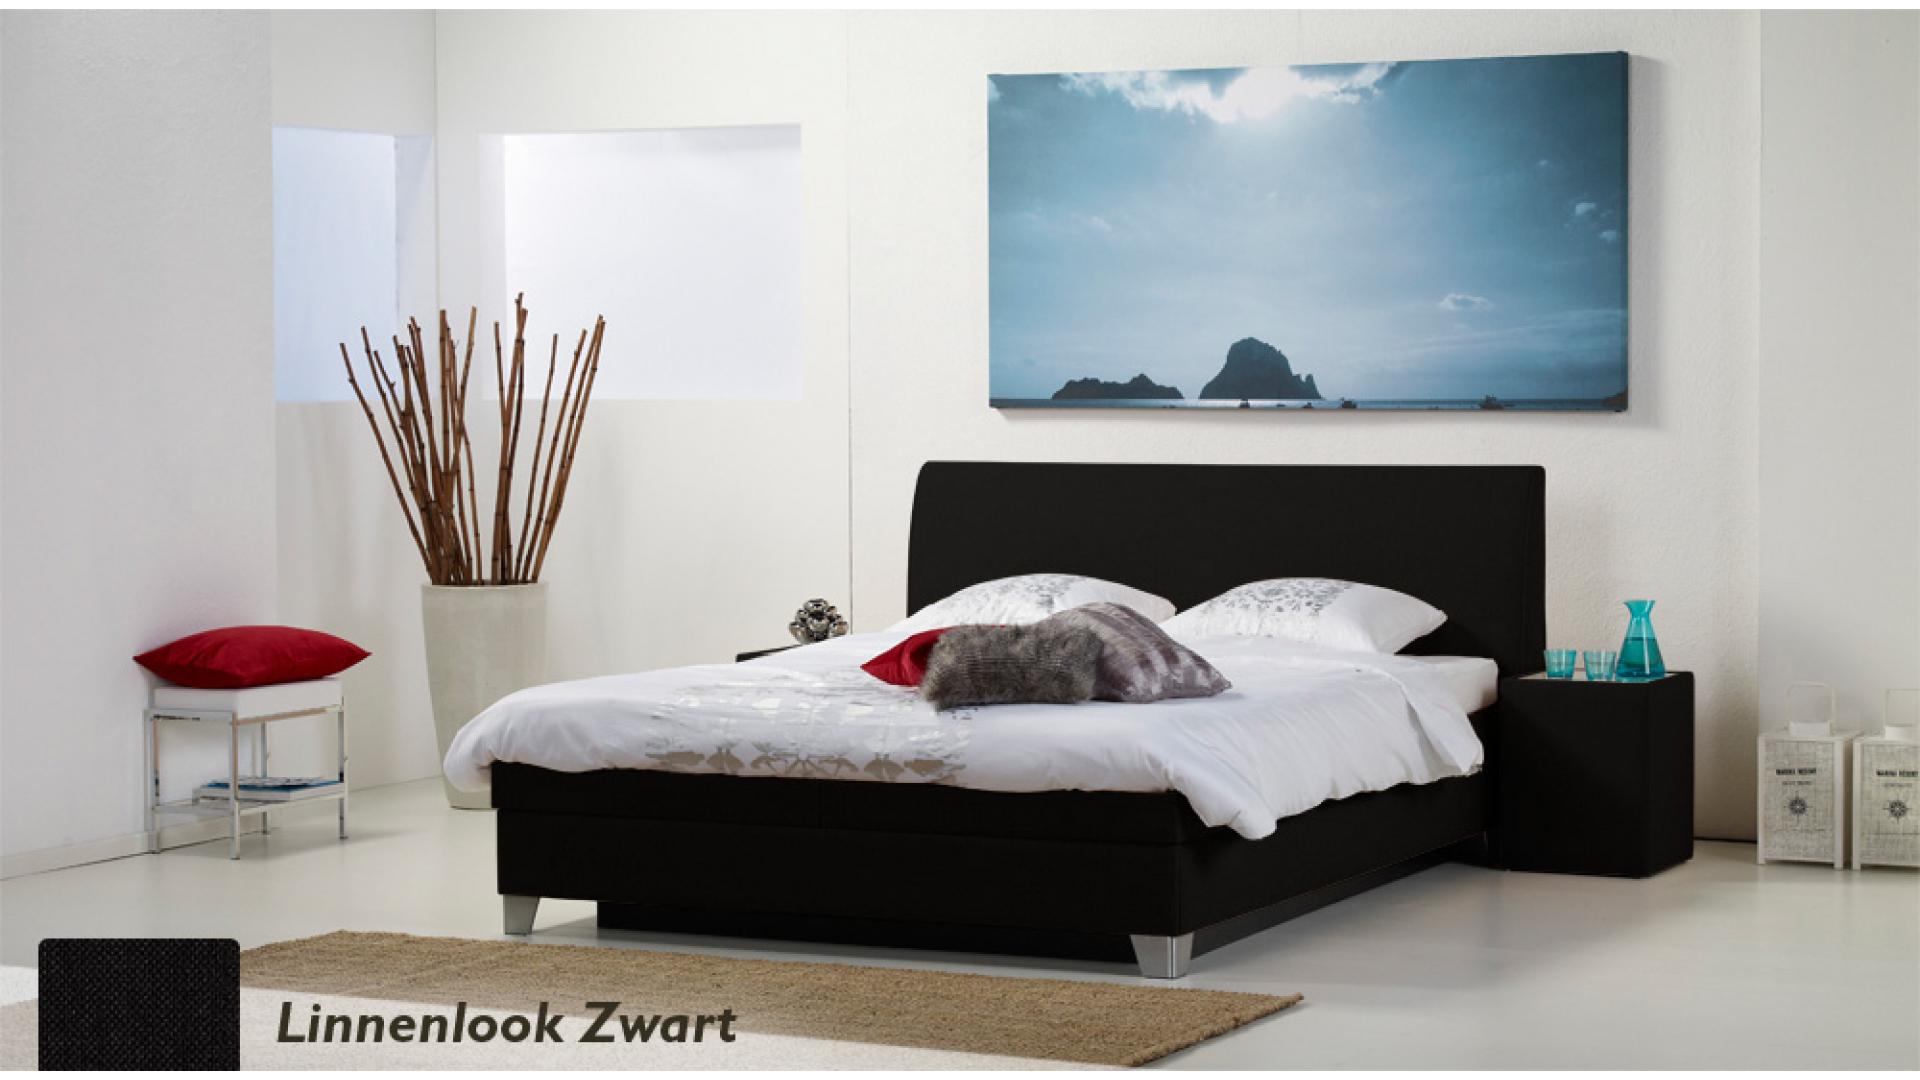 waterbed luxe box pro linnenlook zwart